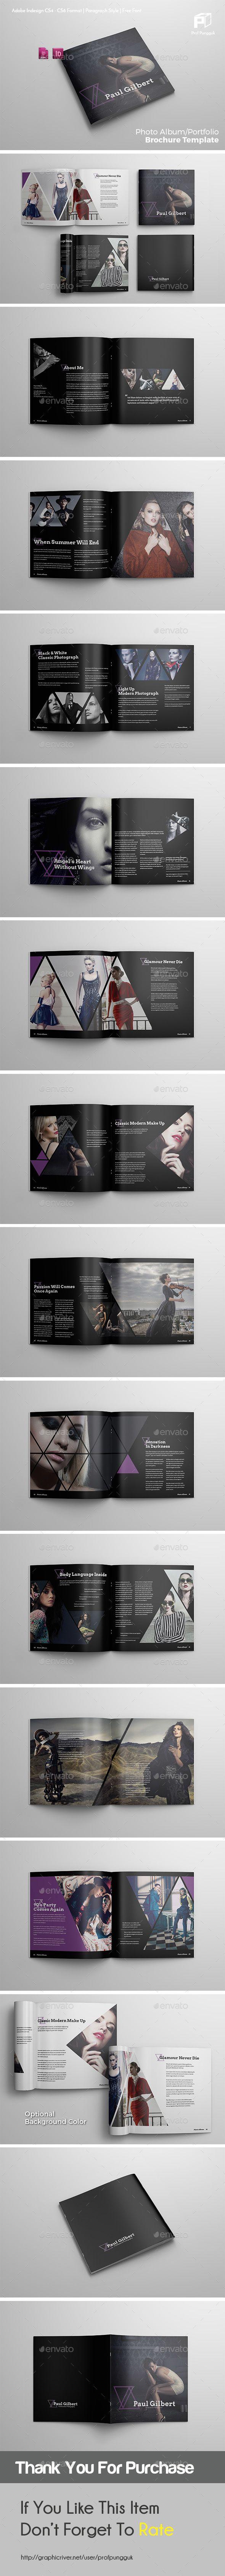 Square Photo Album Vol.2 | Portafolio